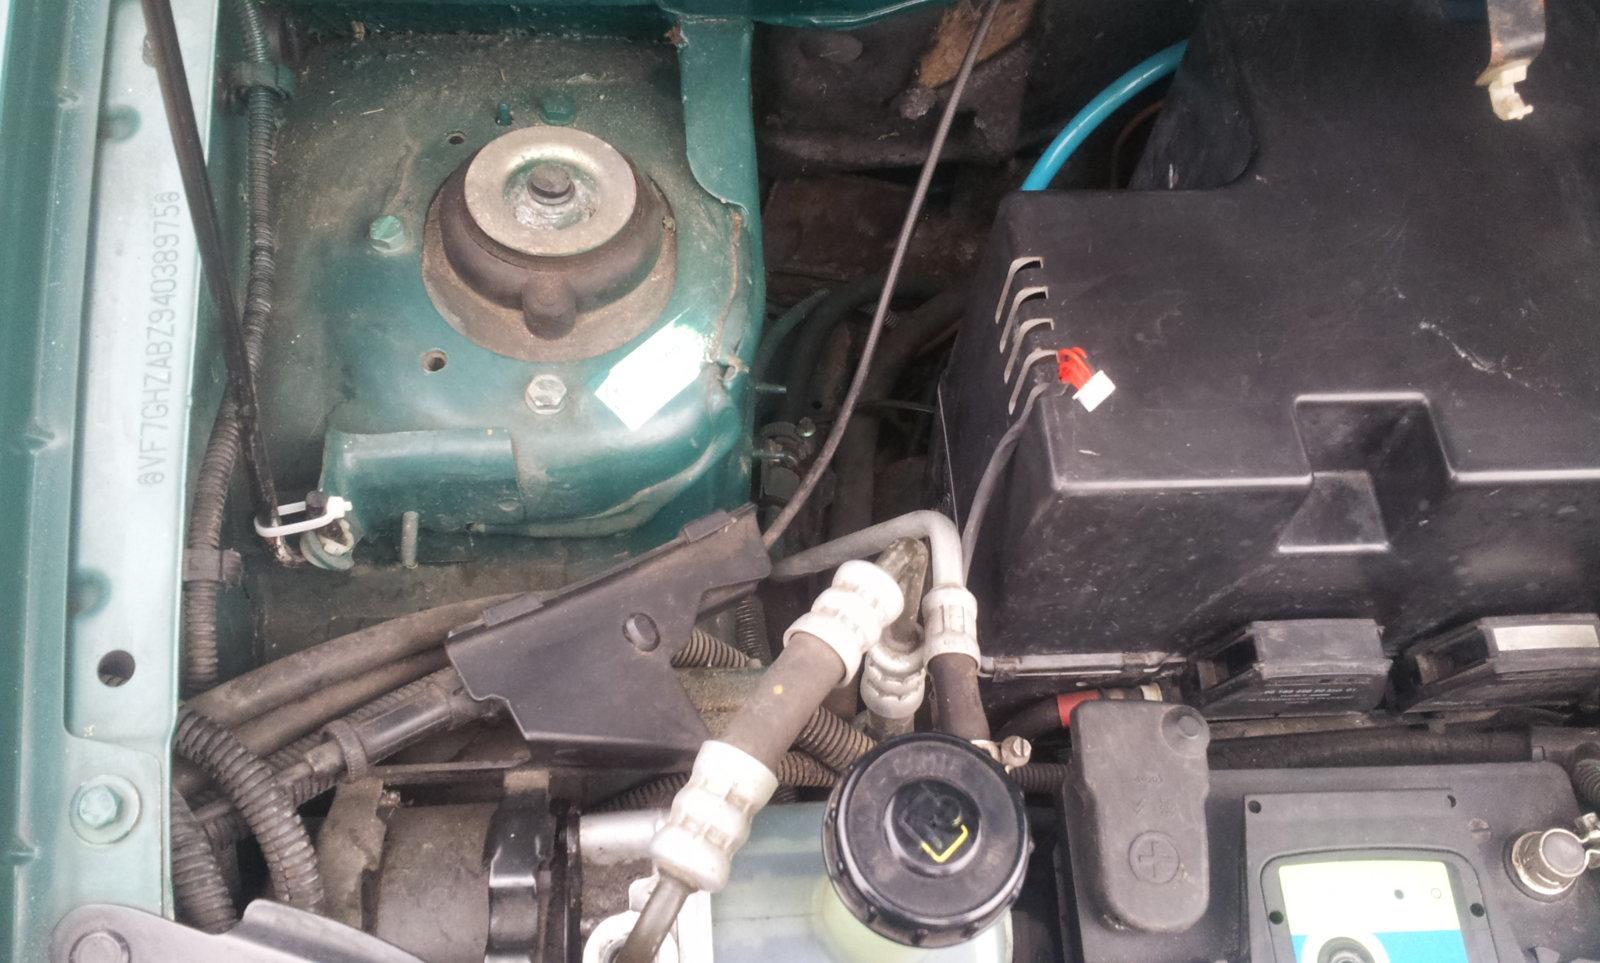 12motorraum2-jpg.3060